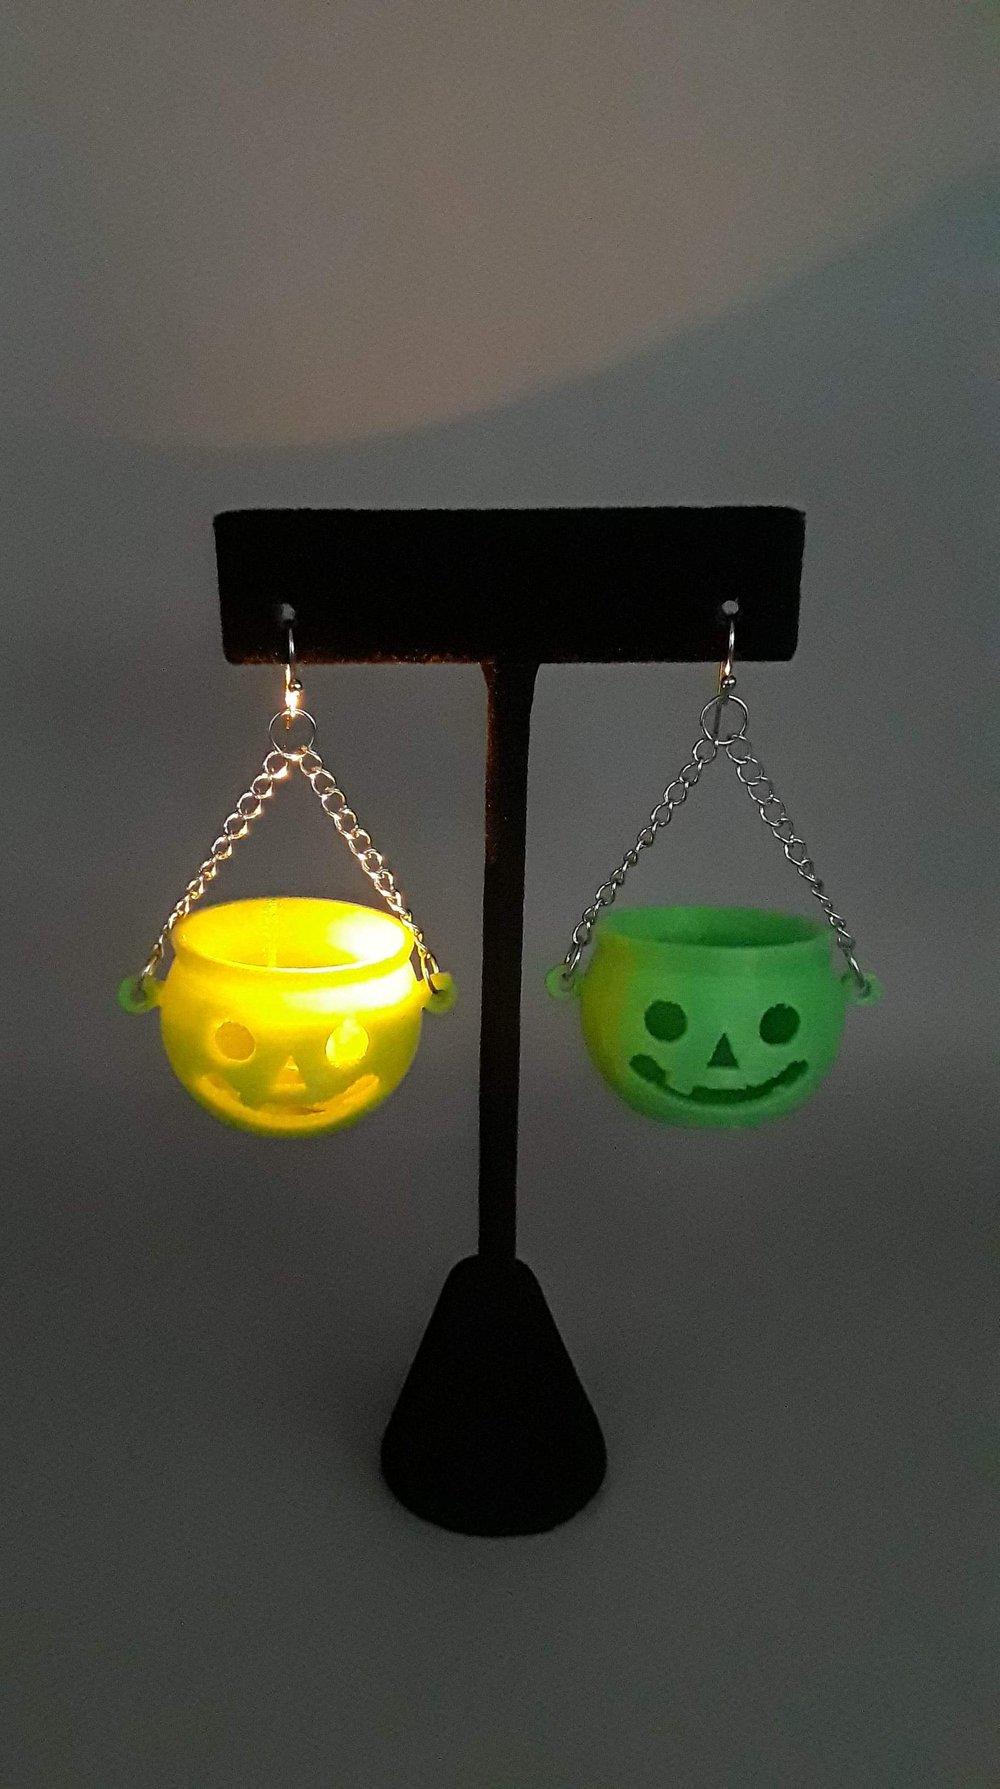 Sour Apple Green Jack-O-Lantern Earrings